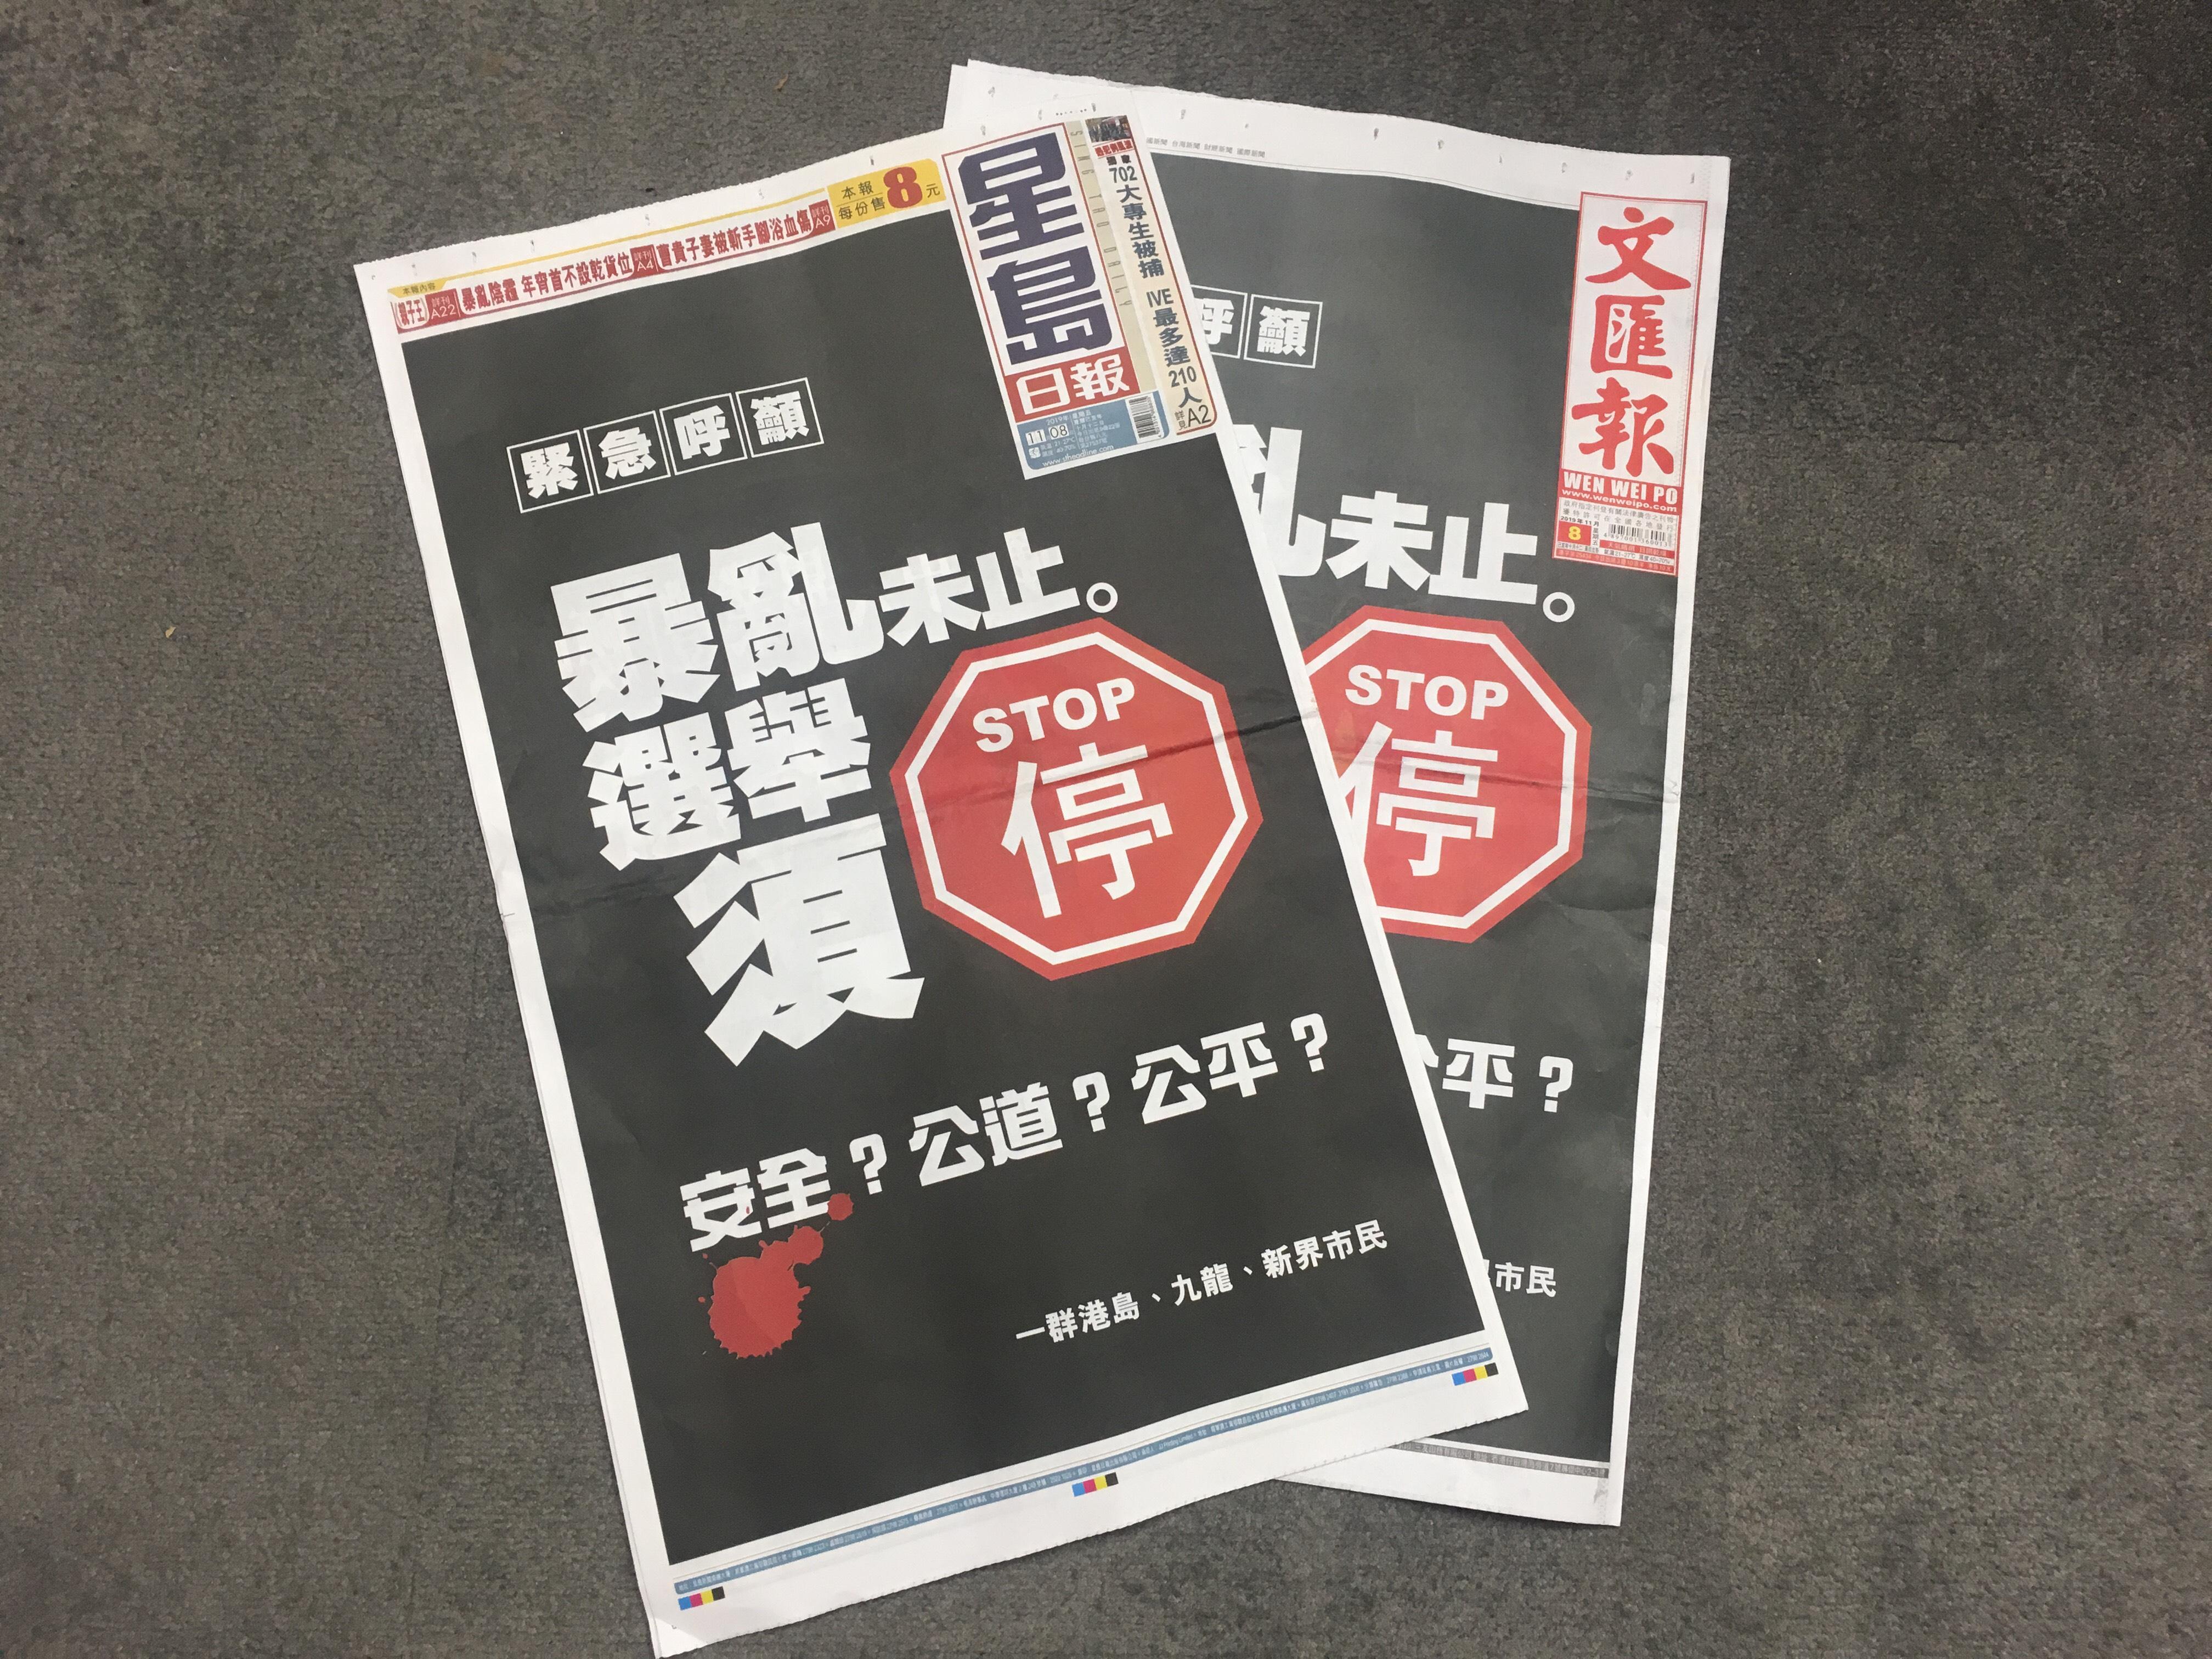 市民刊登廣告呼籲取消區議會選舉